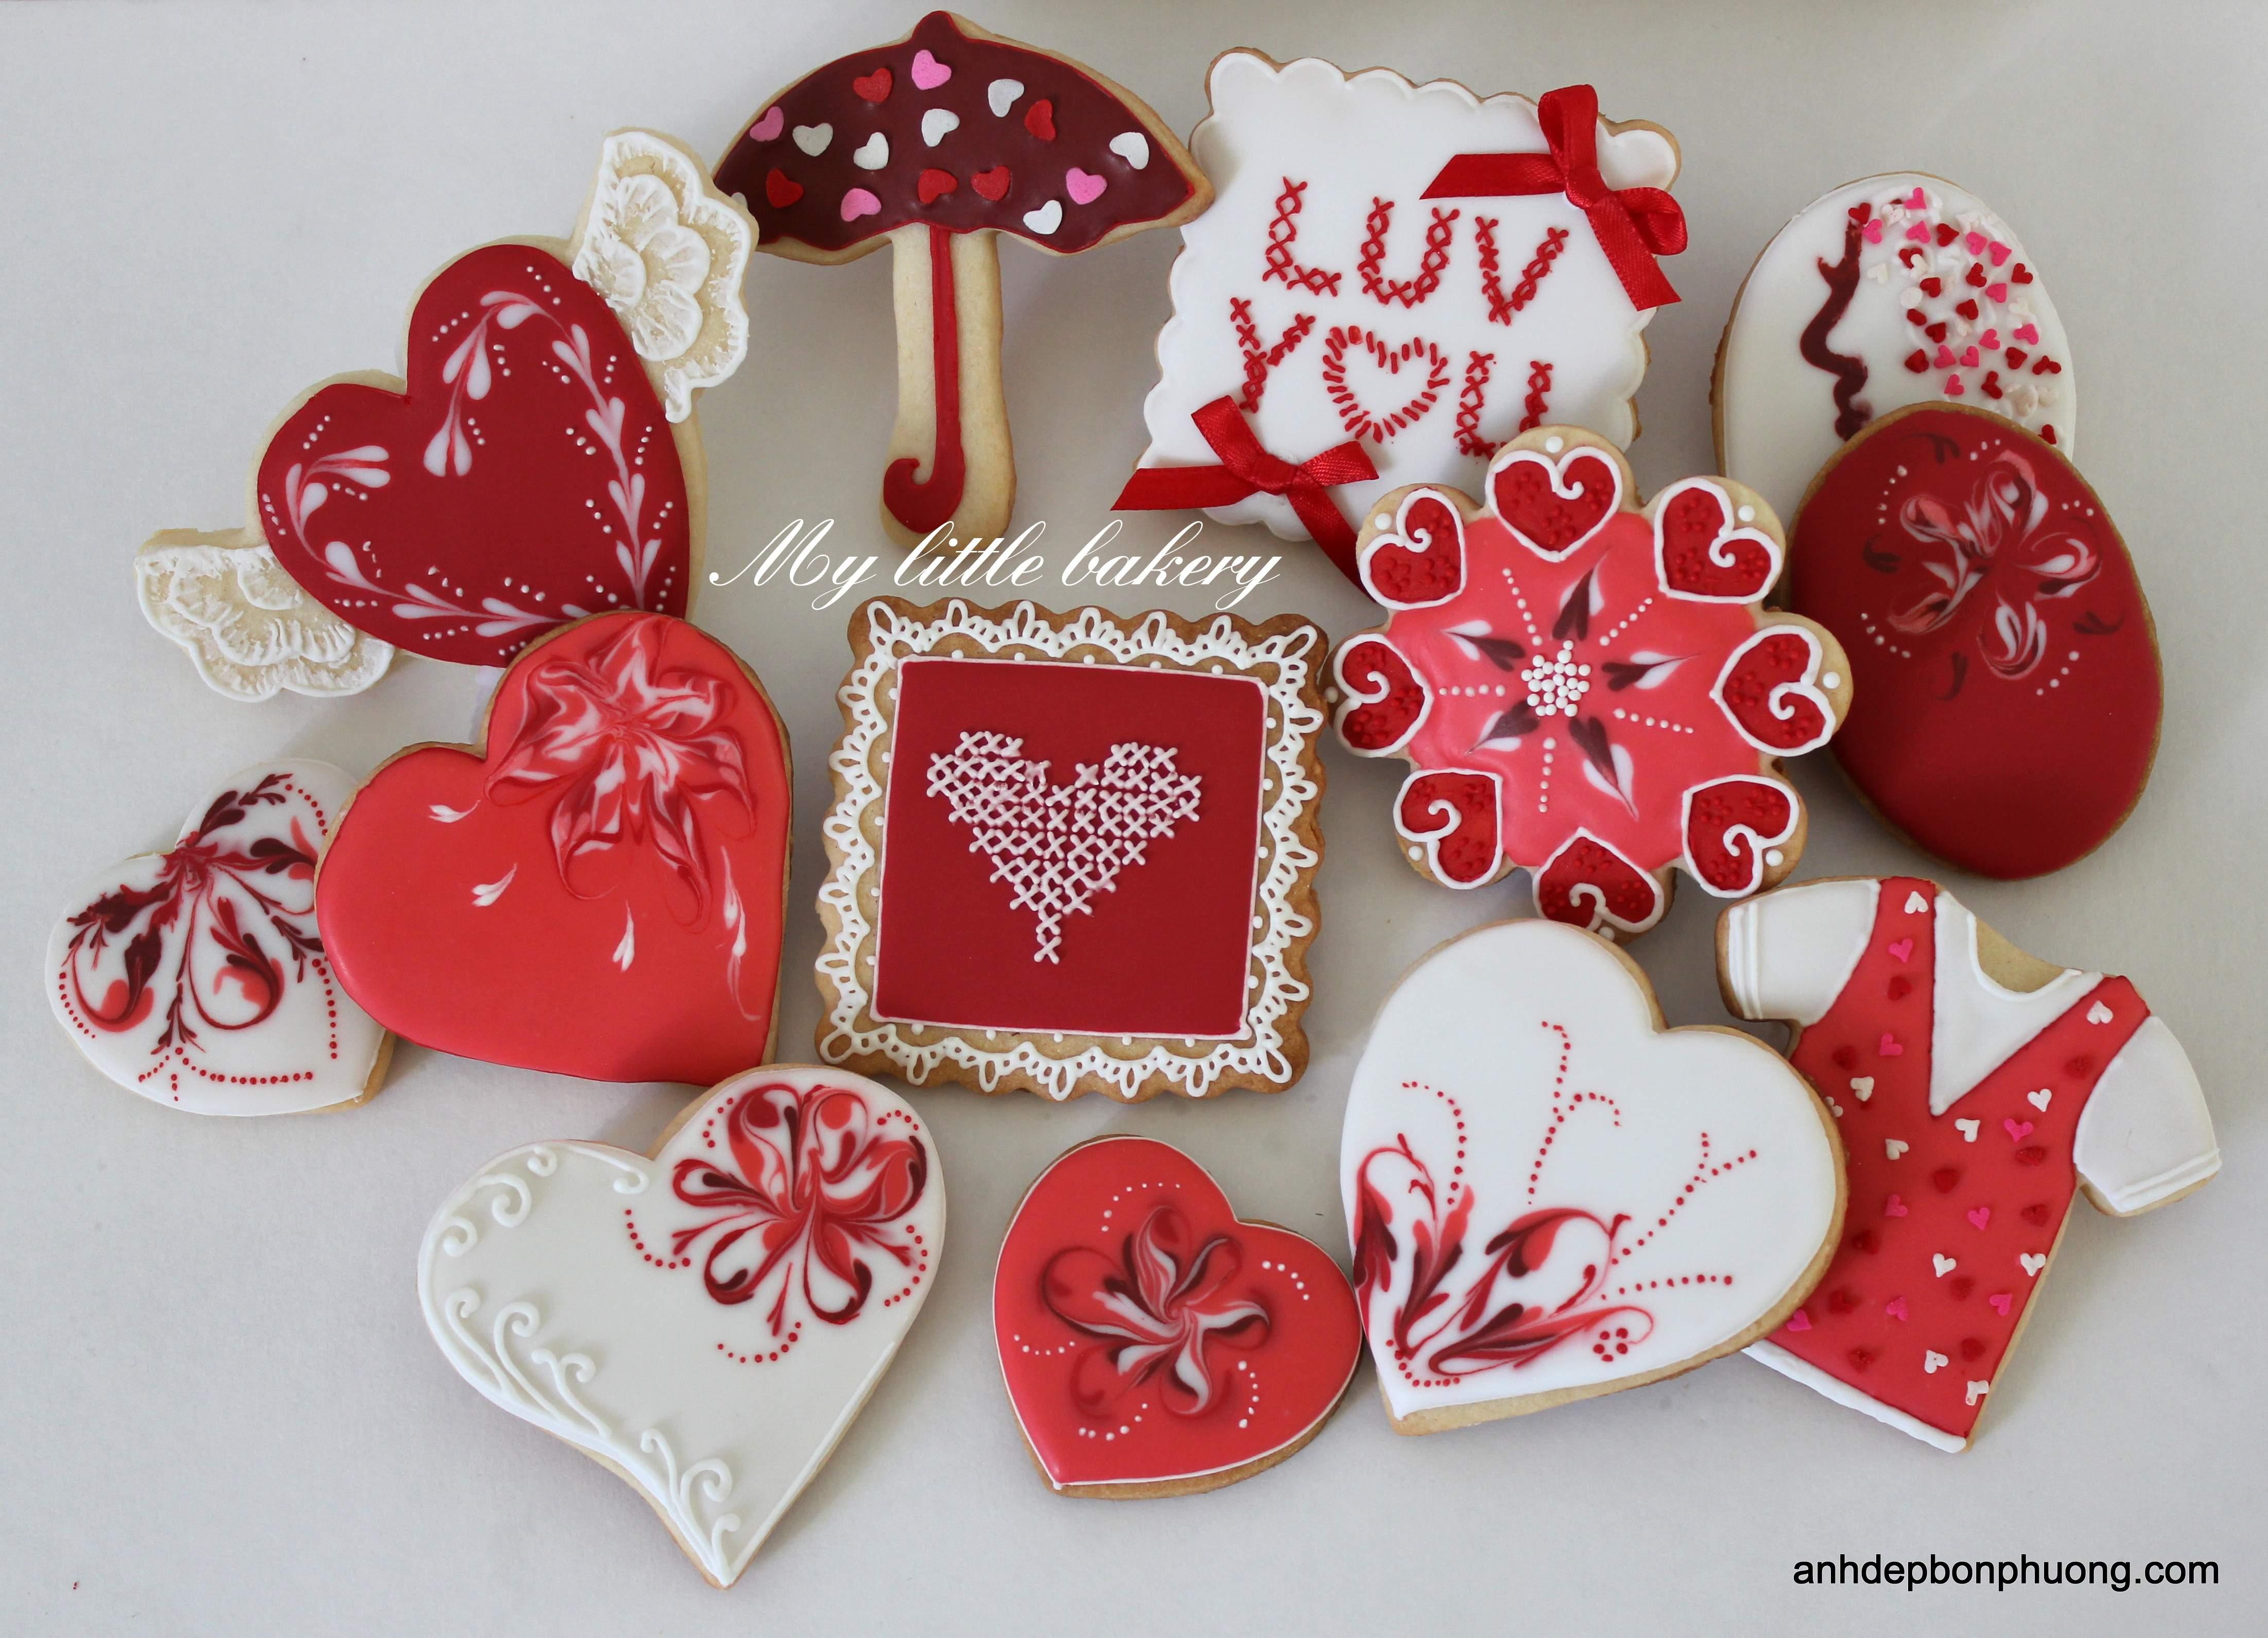 Quà tặng valentine ý nghĩa cho nàng ngày lễ tình nhân 14-2